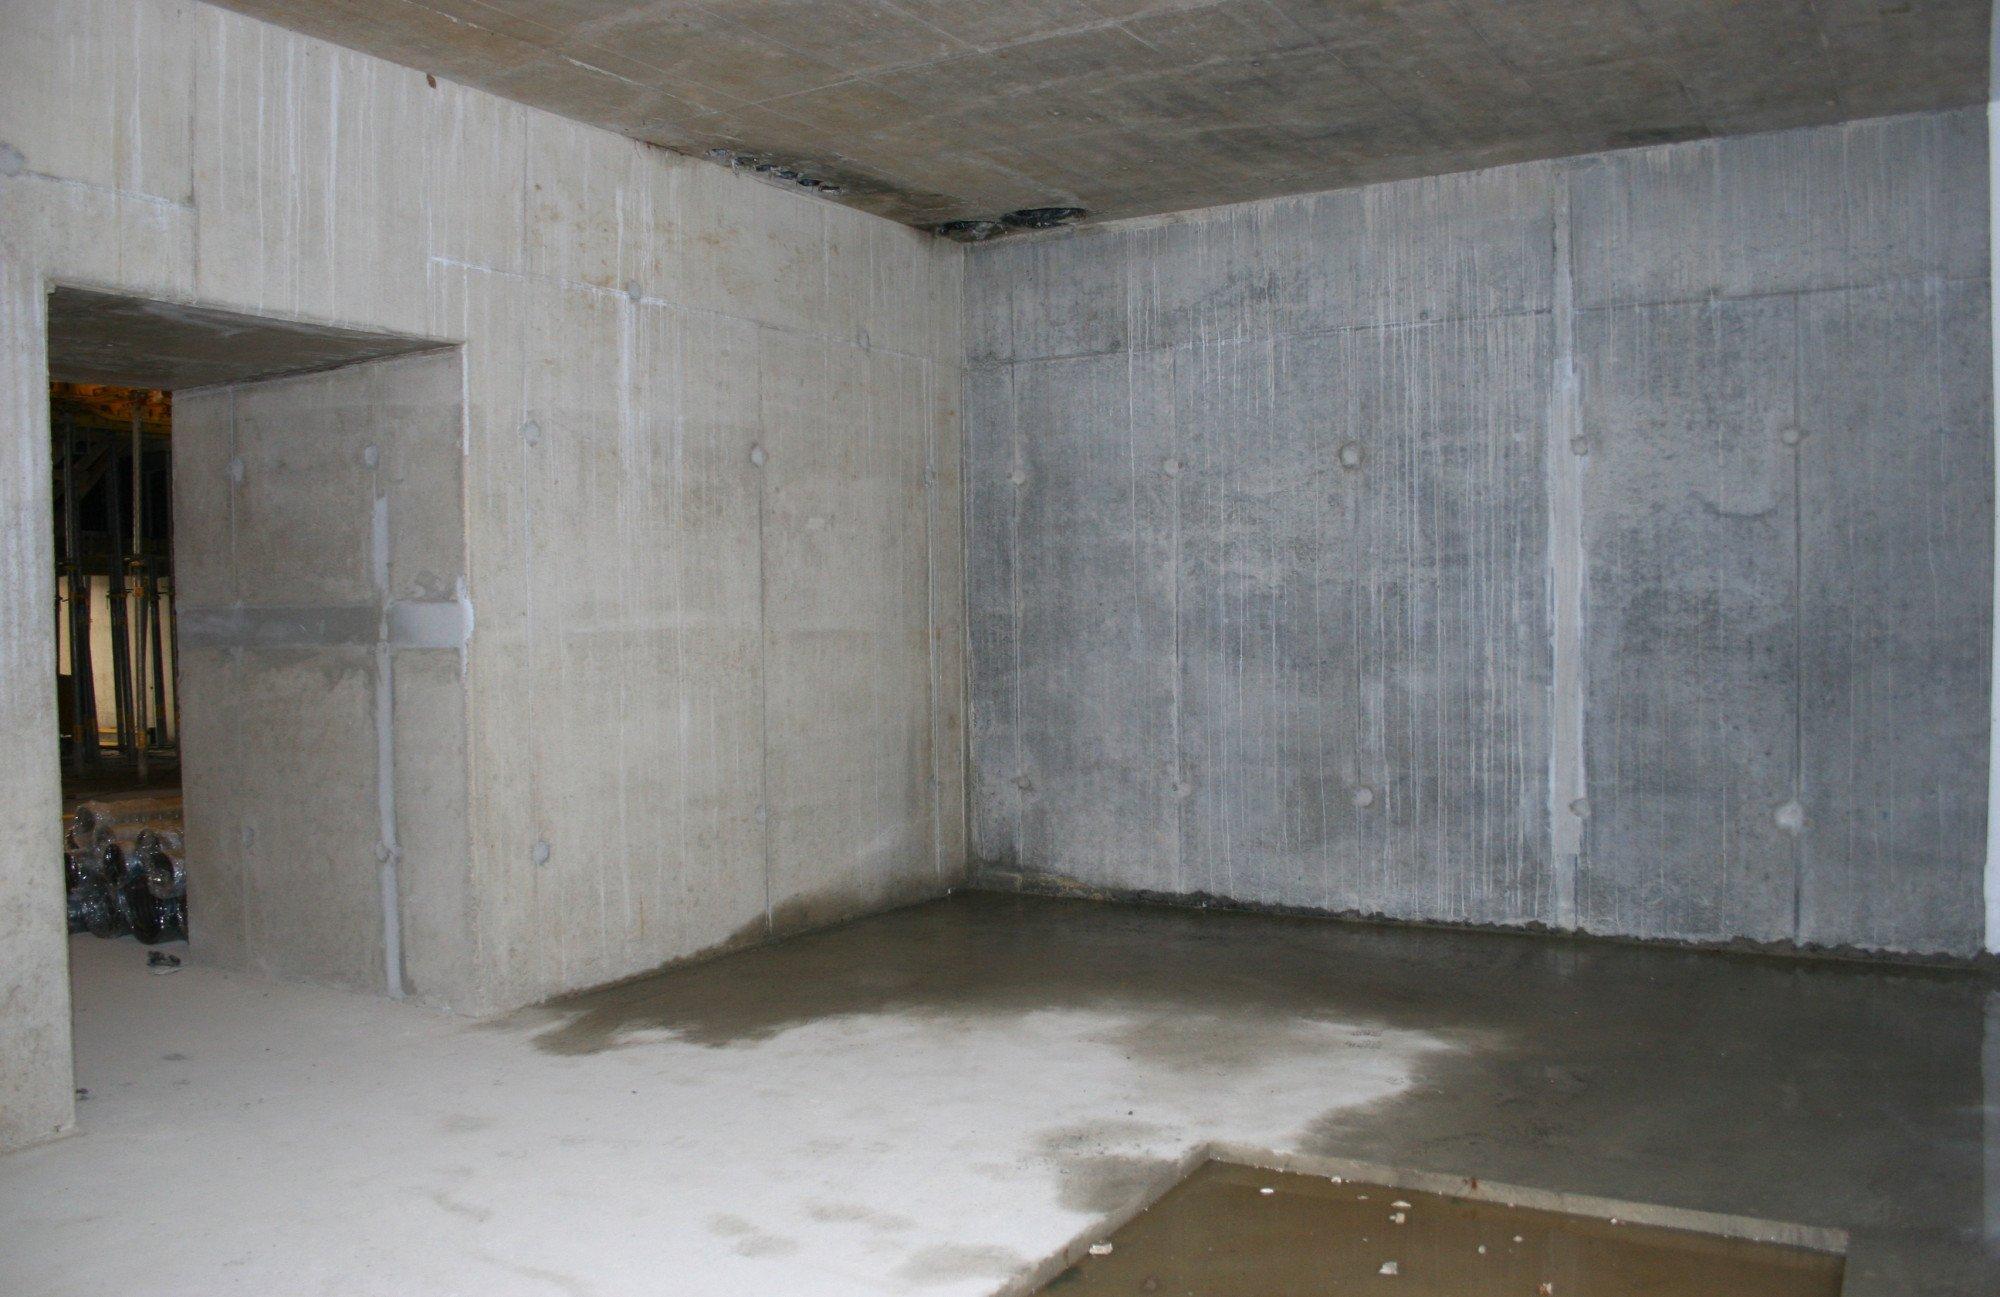 hochleistungsbeton beton betonarten baunetz wissen. Black Bedroom Furniture Sets. Home Design Ideas